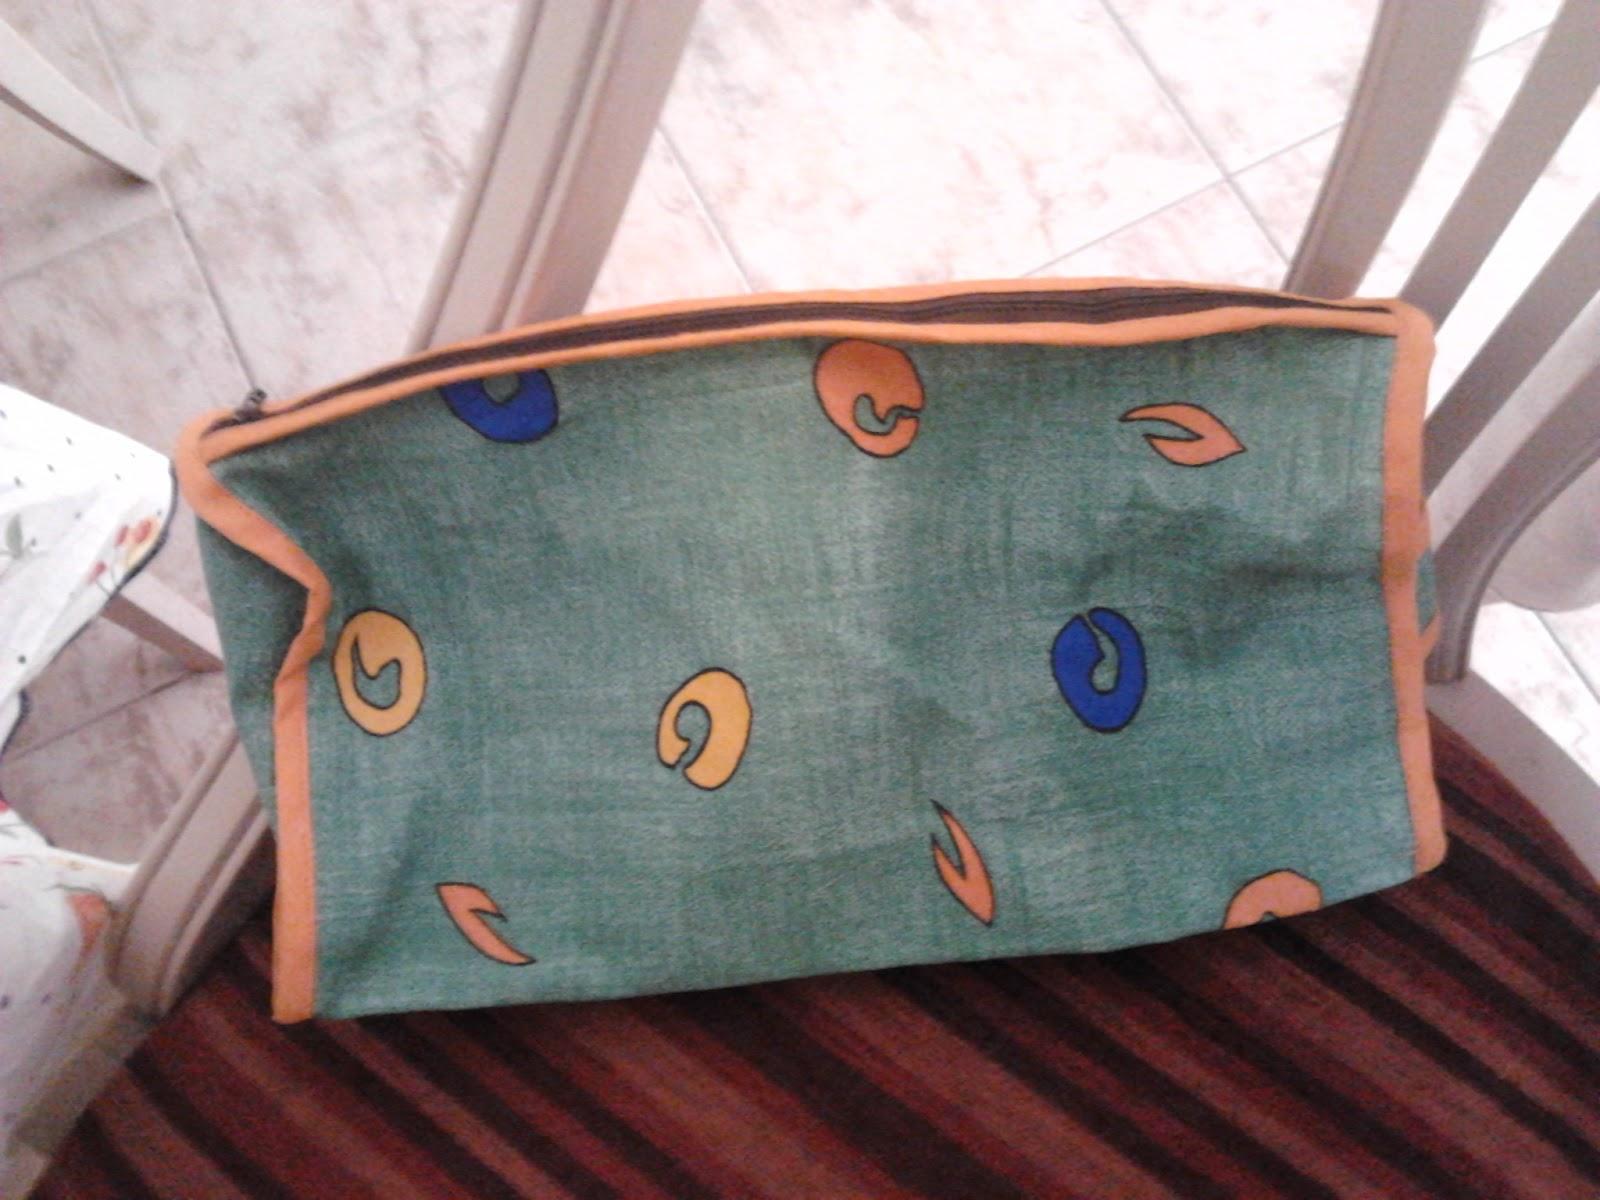 Manualidades a tutiplen bolso de patchwork - Manualidades patchwork bolsos ...